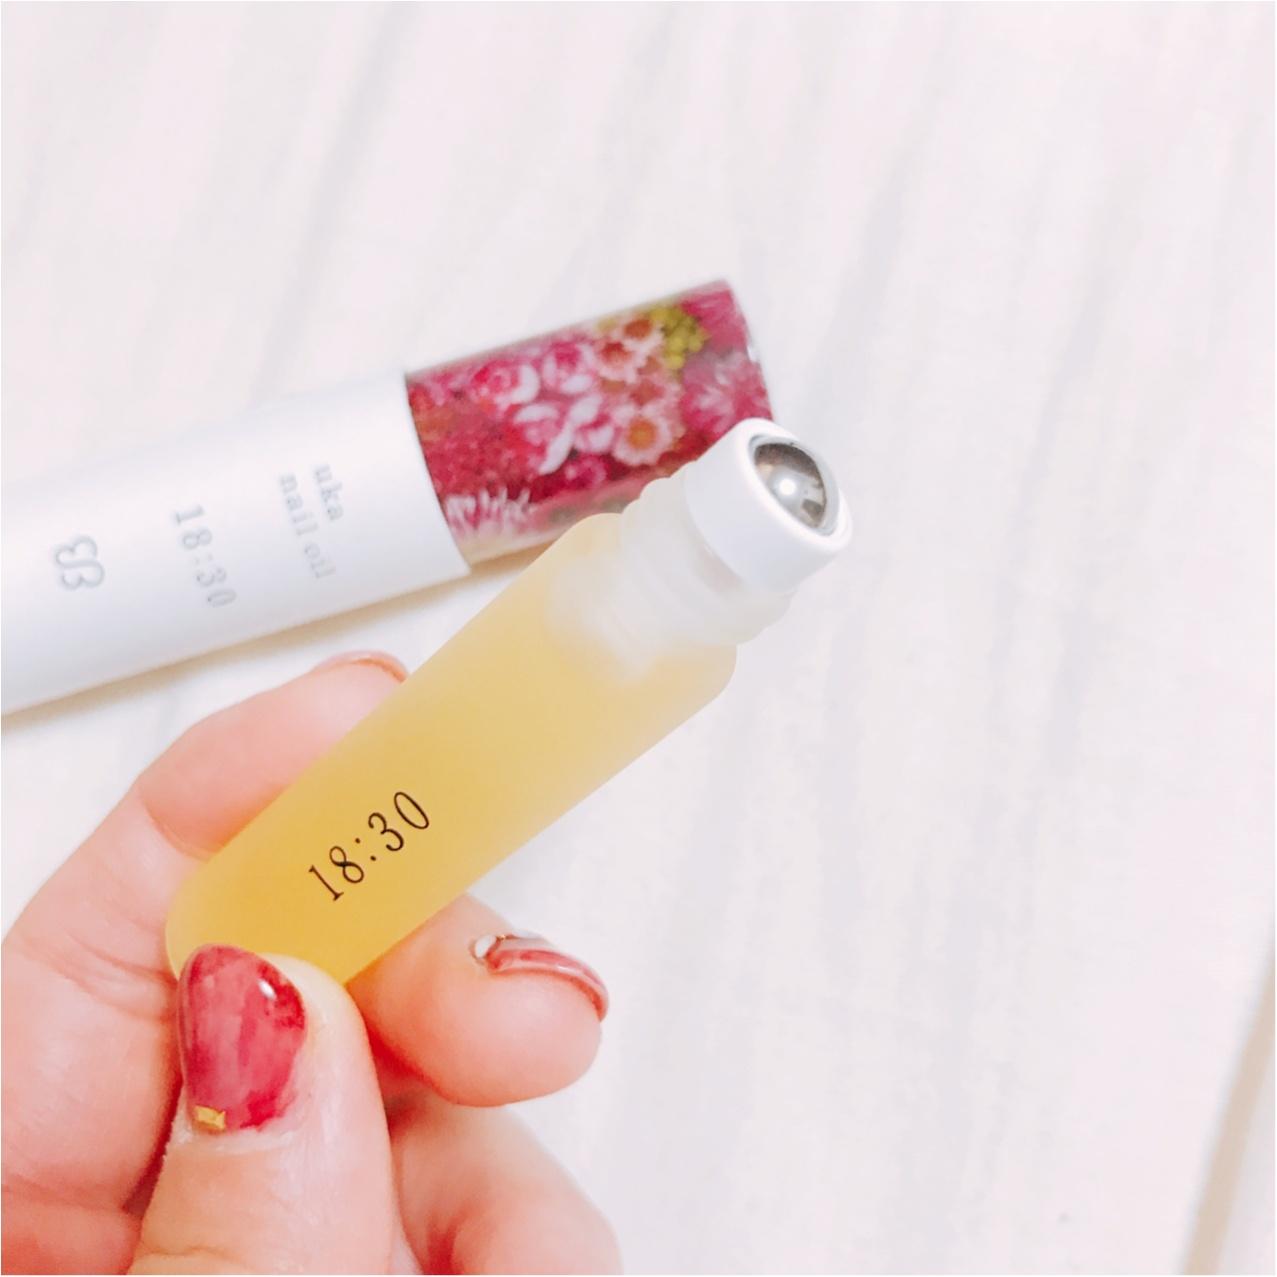 ギフトにもおすすめ!【uka nail oil(ウカネイルオイル)】でネイルもココロもリフレッシュ♡_4